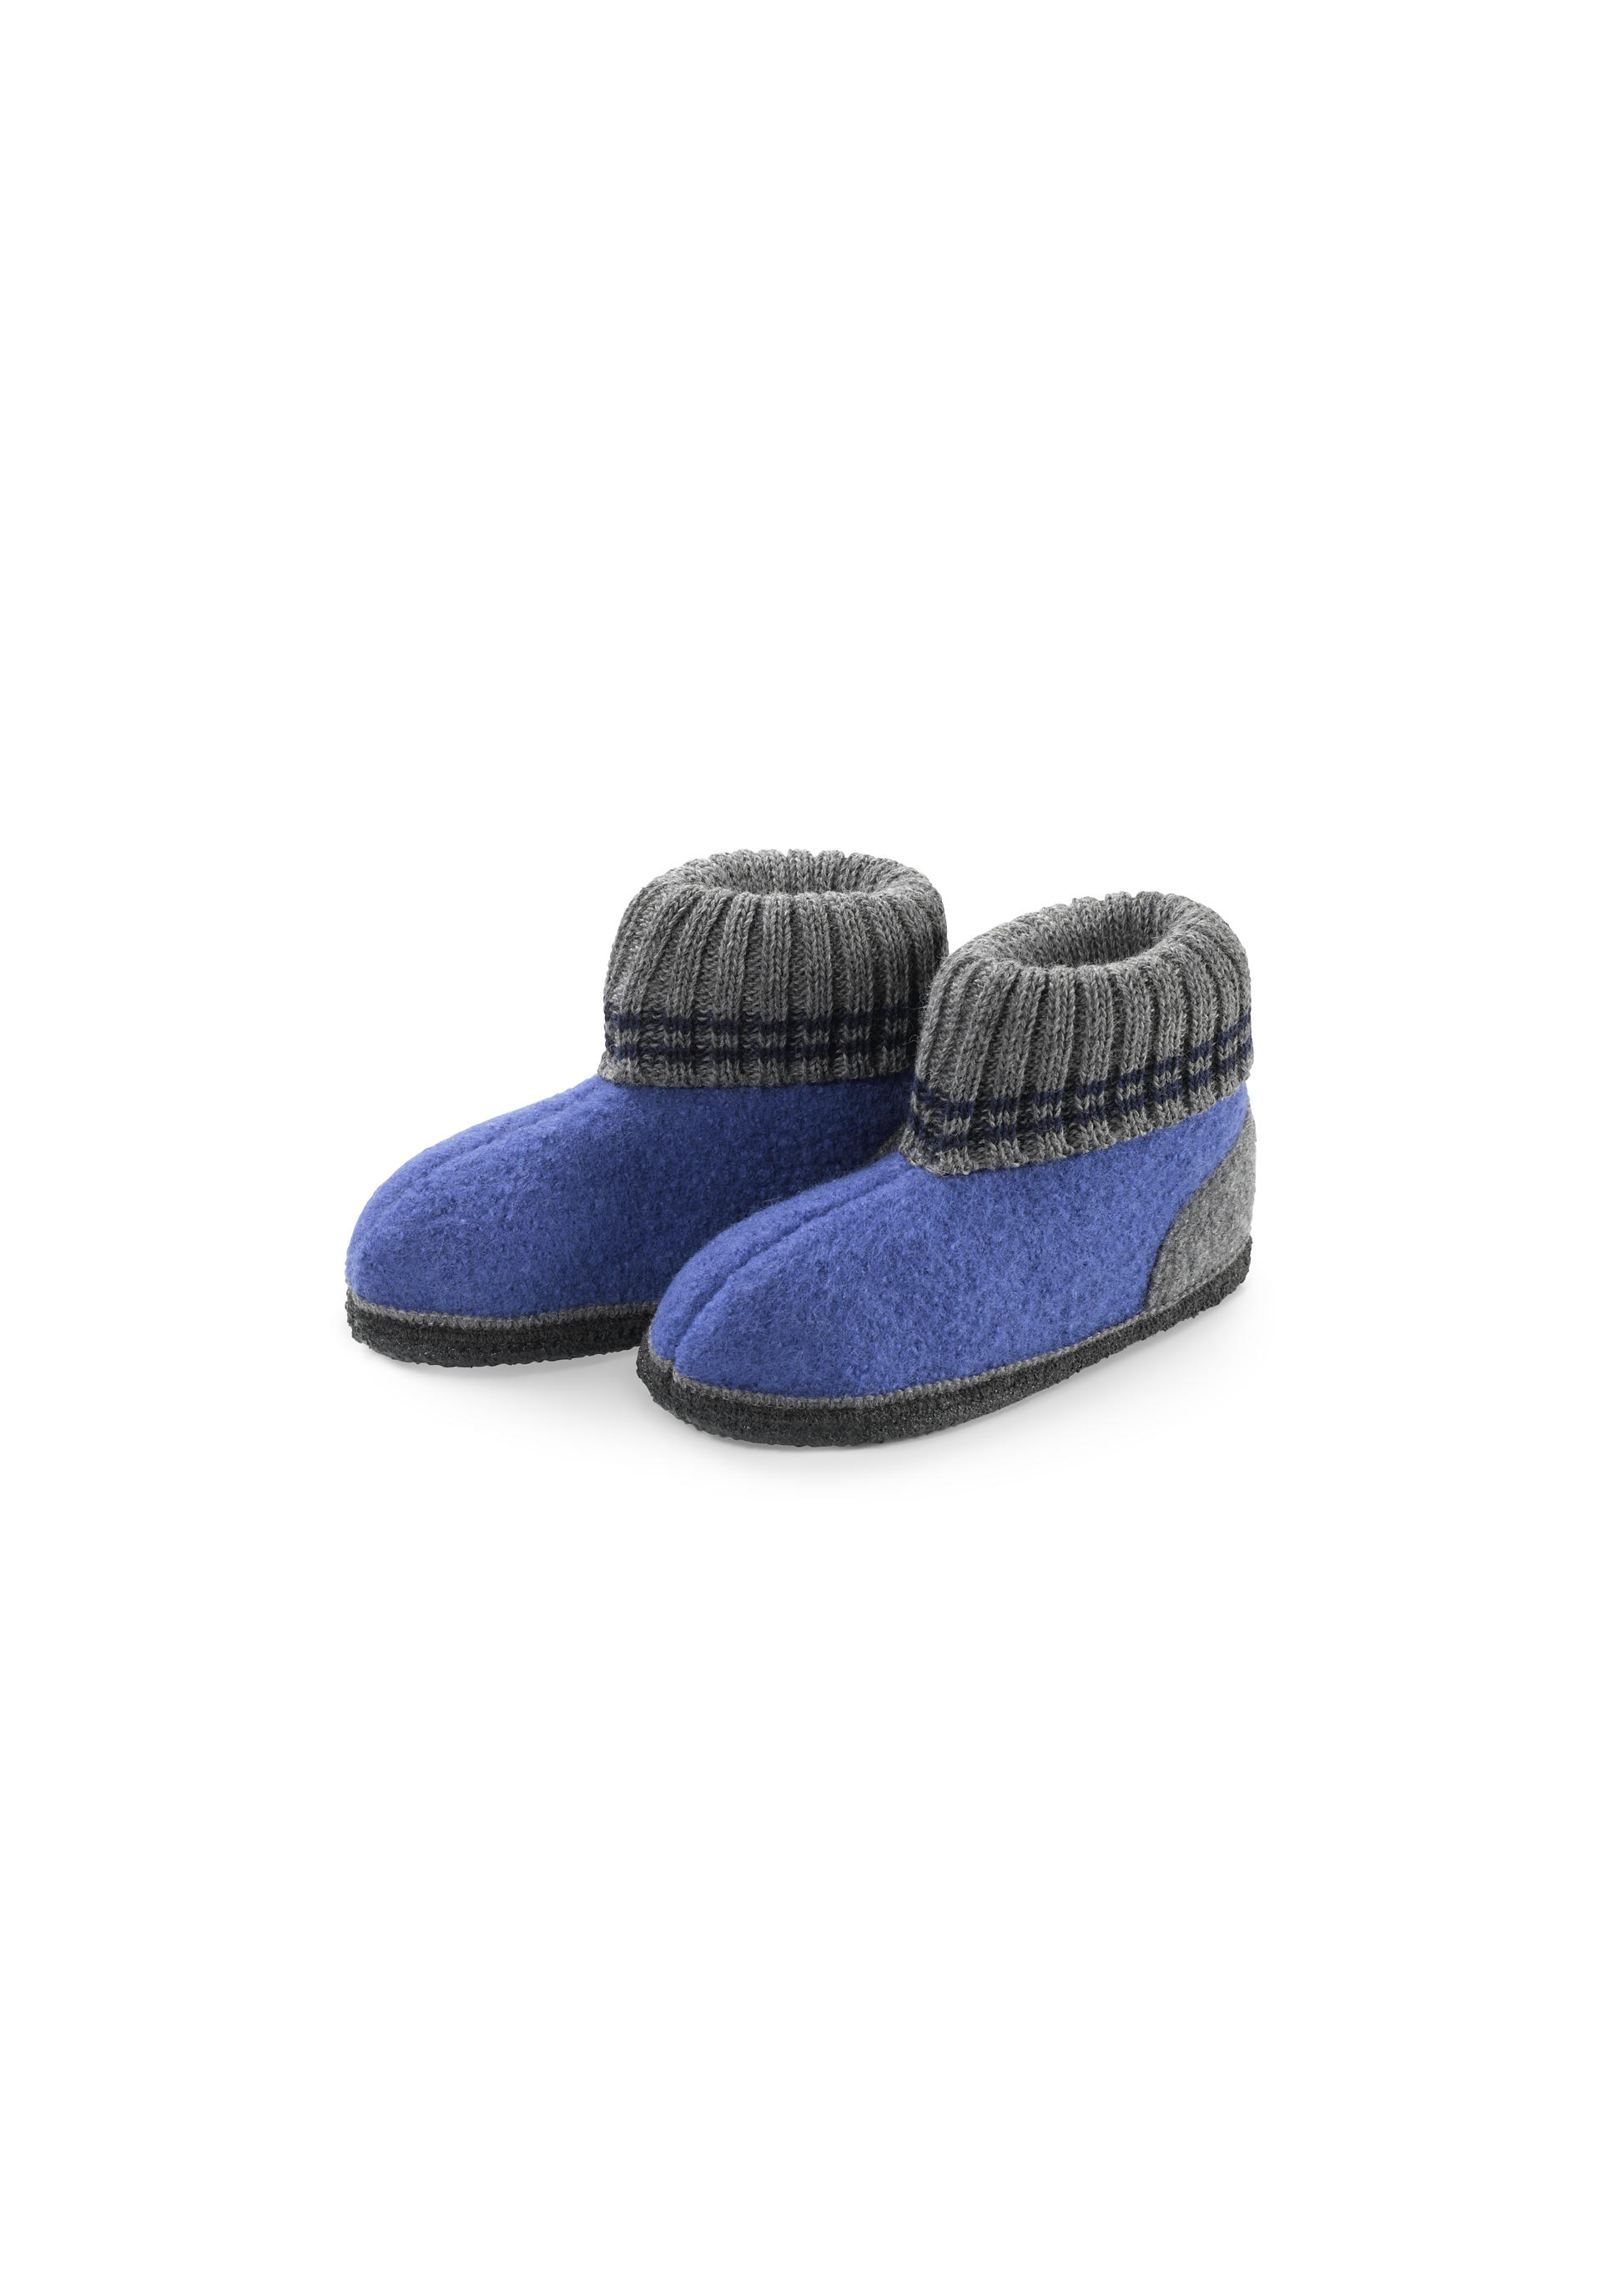 Loungewear : Billige Schuhe, Billige Kleider, Online Kaufen